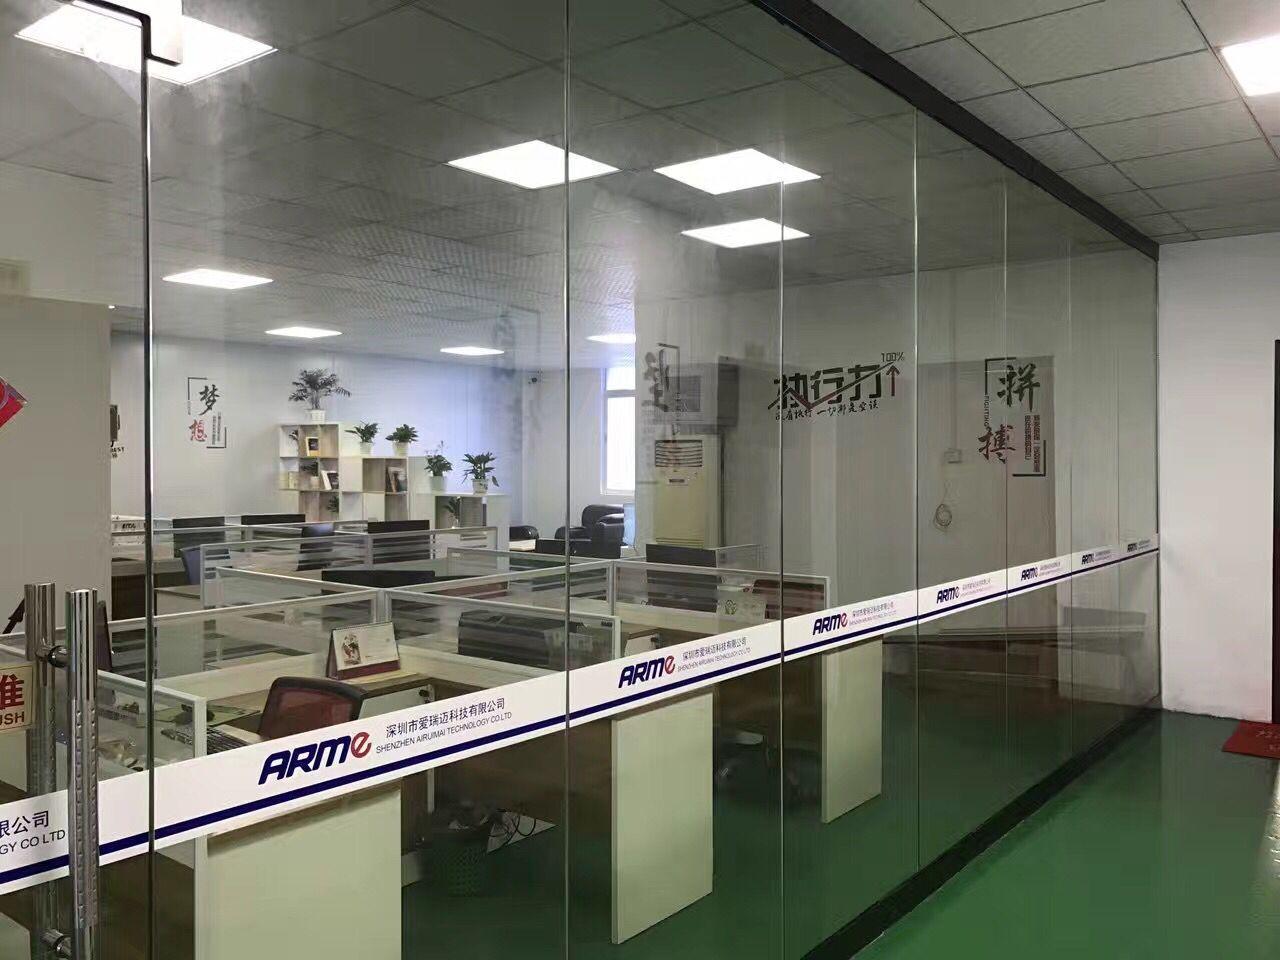 深圳市爱瑞迈科技有限公司